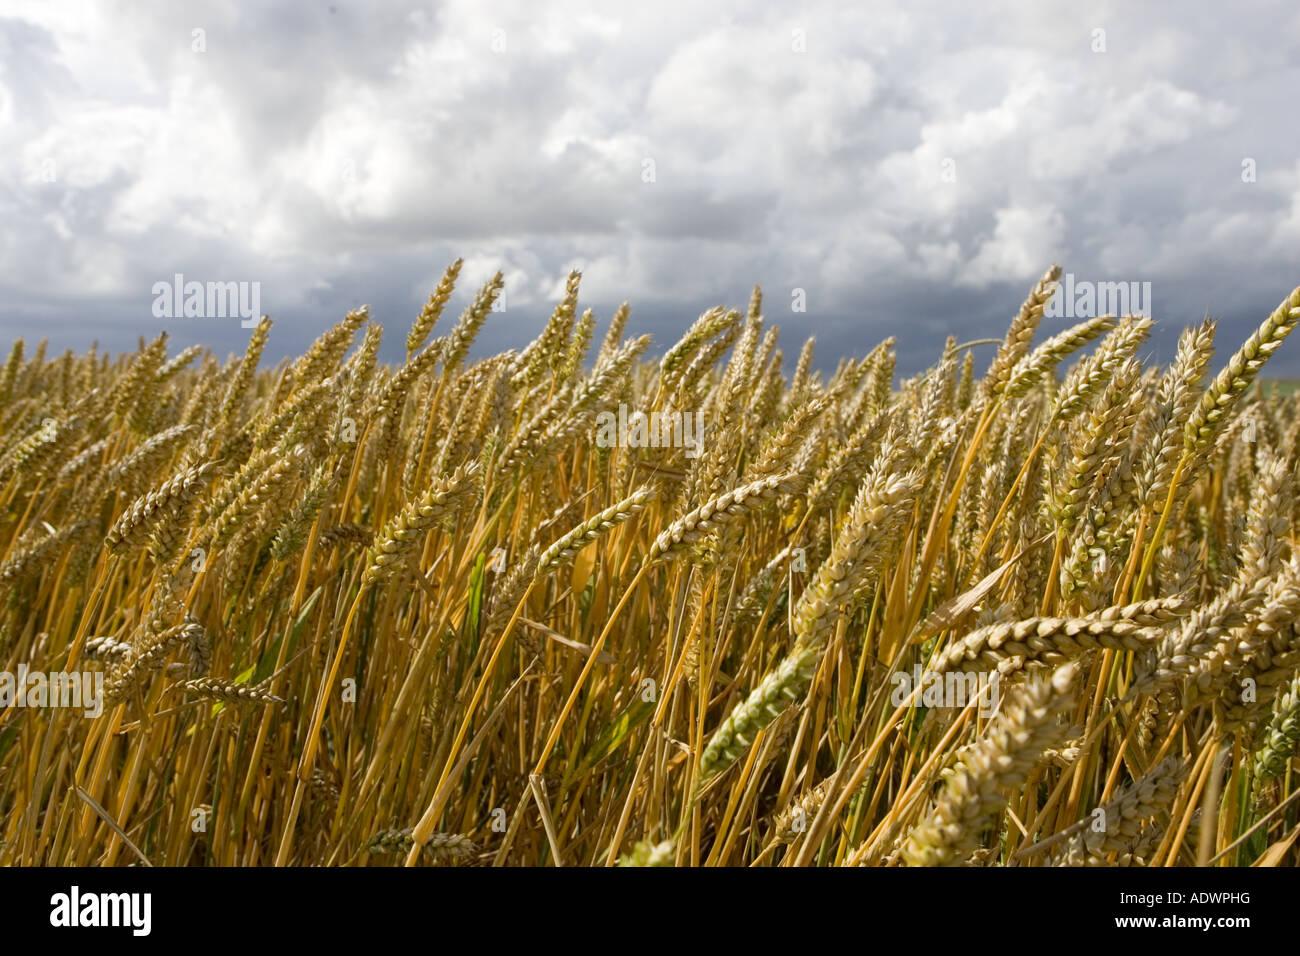 Campo de trigo en Marlborough Downs, Wiltshire, Inglaterra, Reino Unido Imagen De Stock